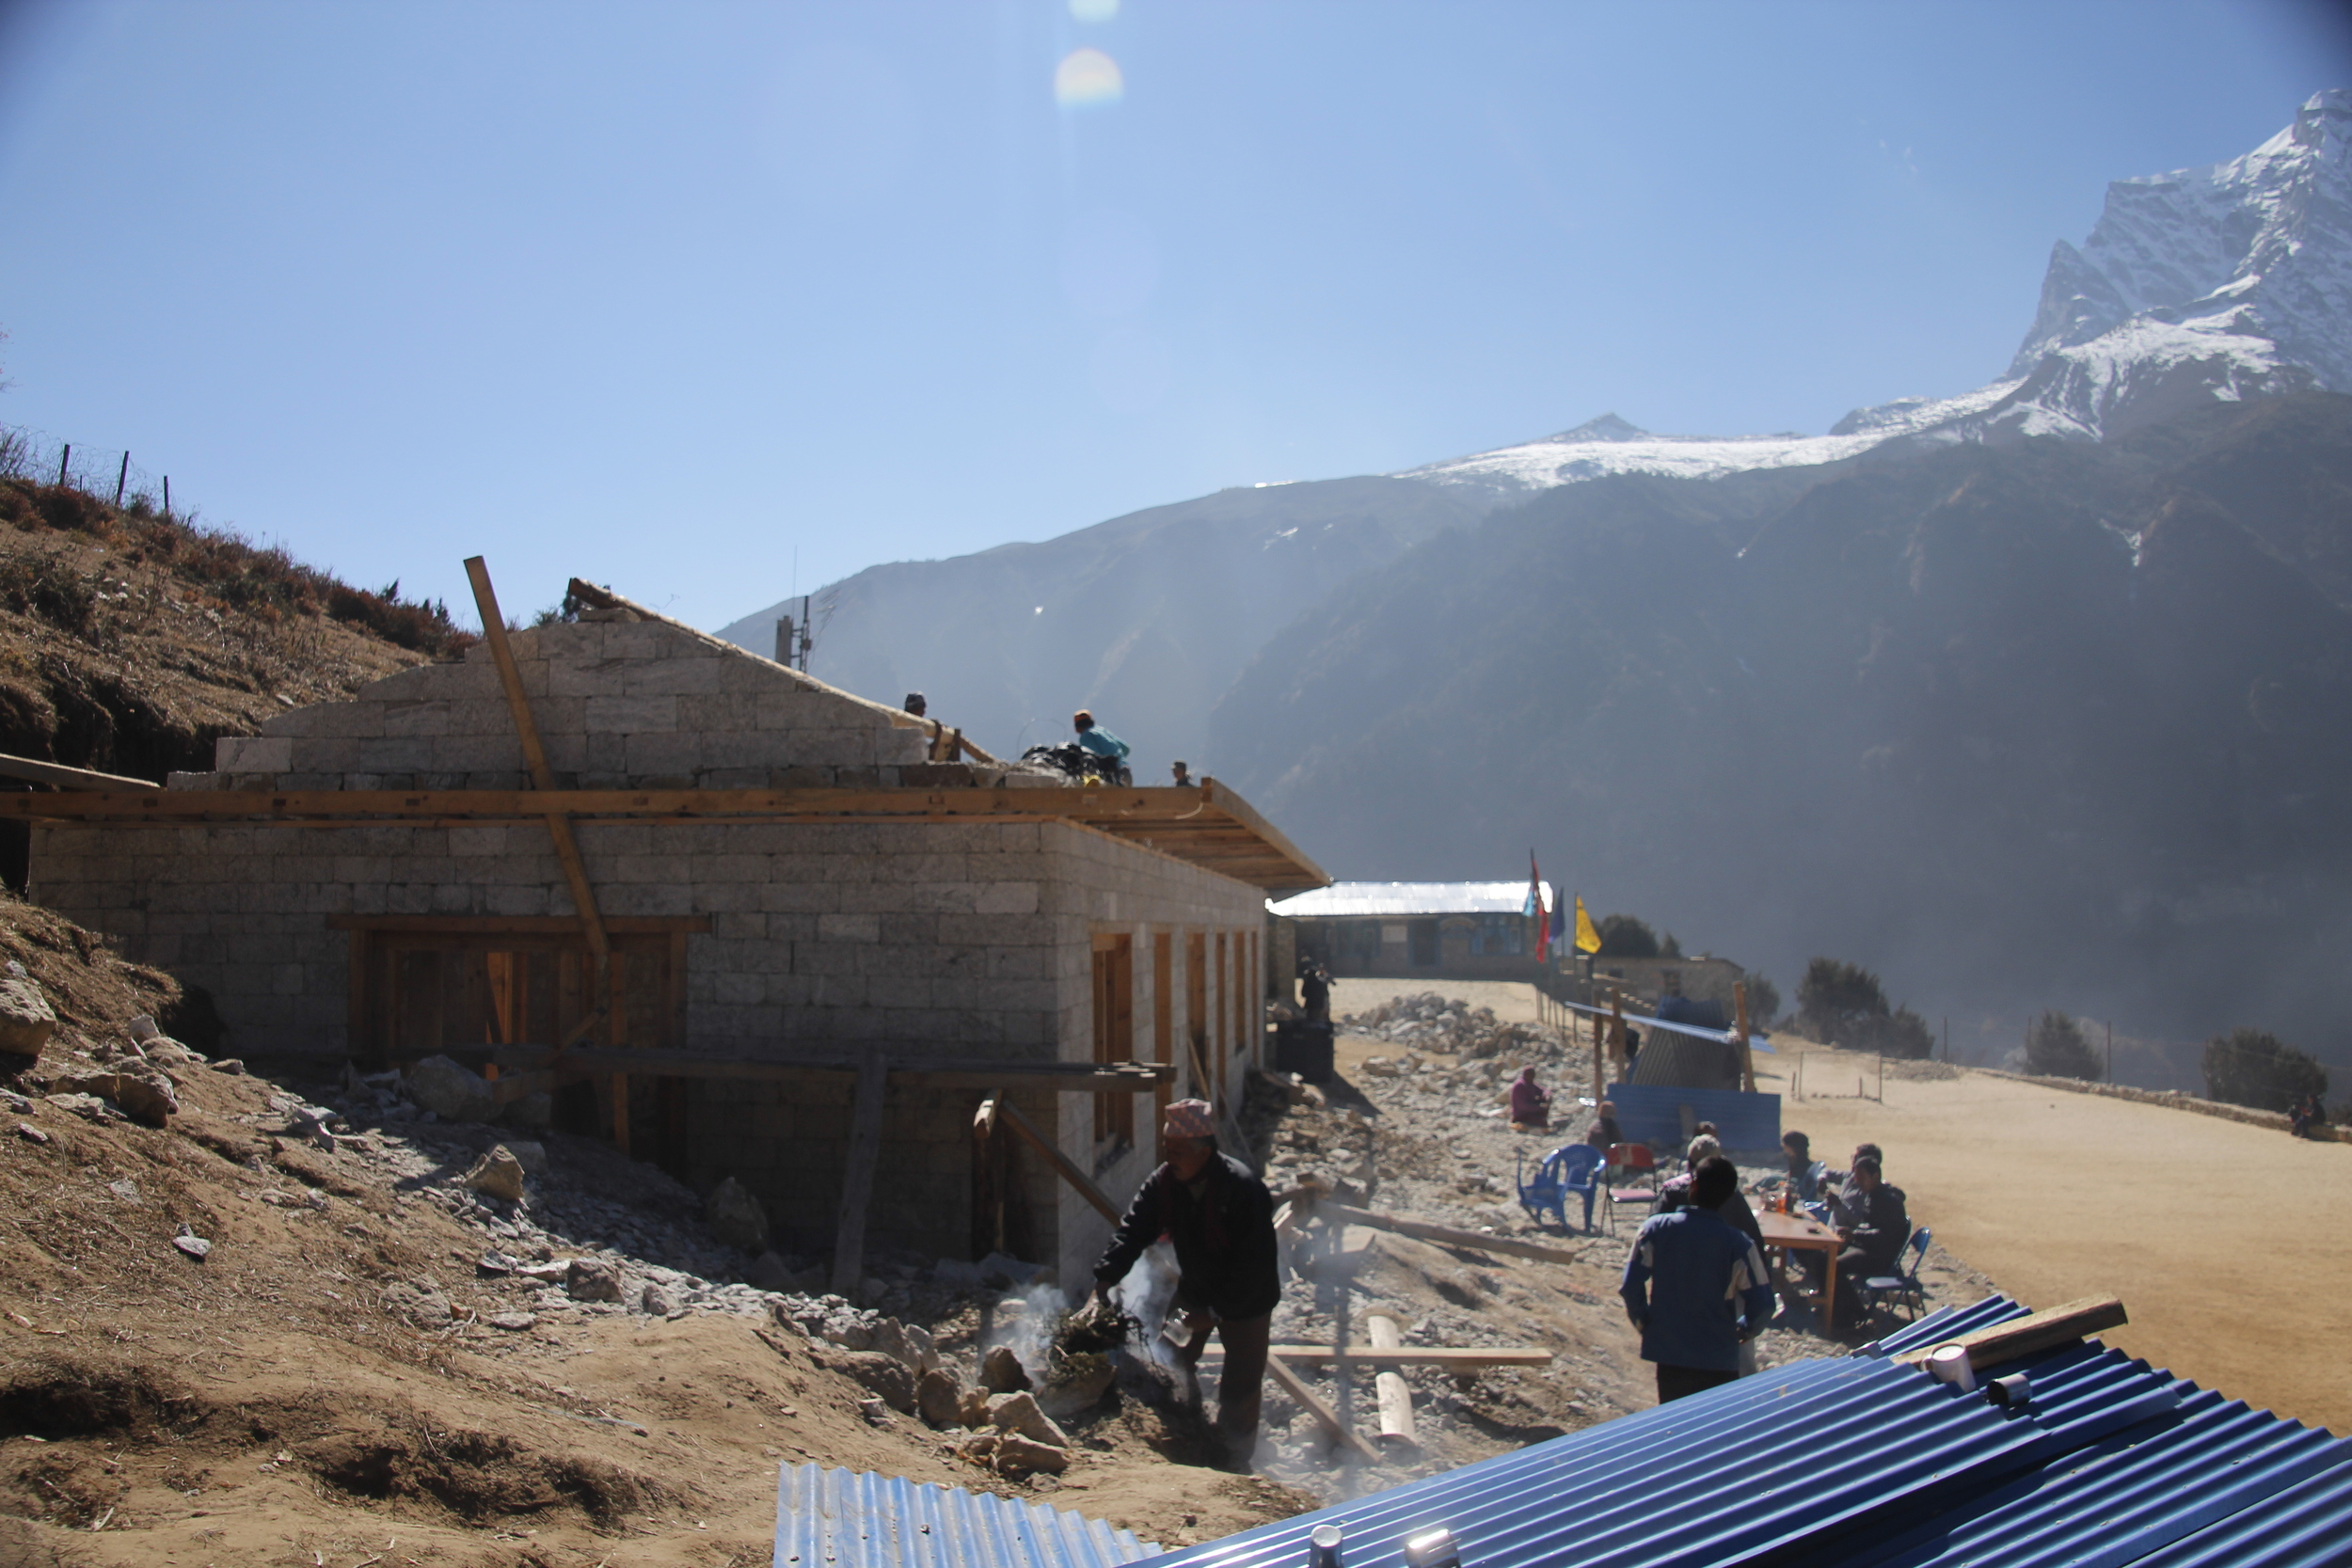 Shree Himalaya School Build